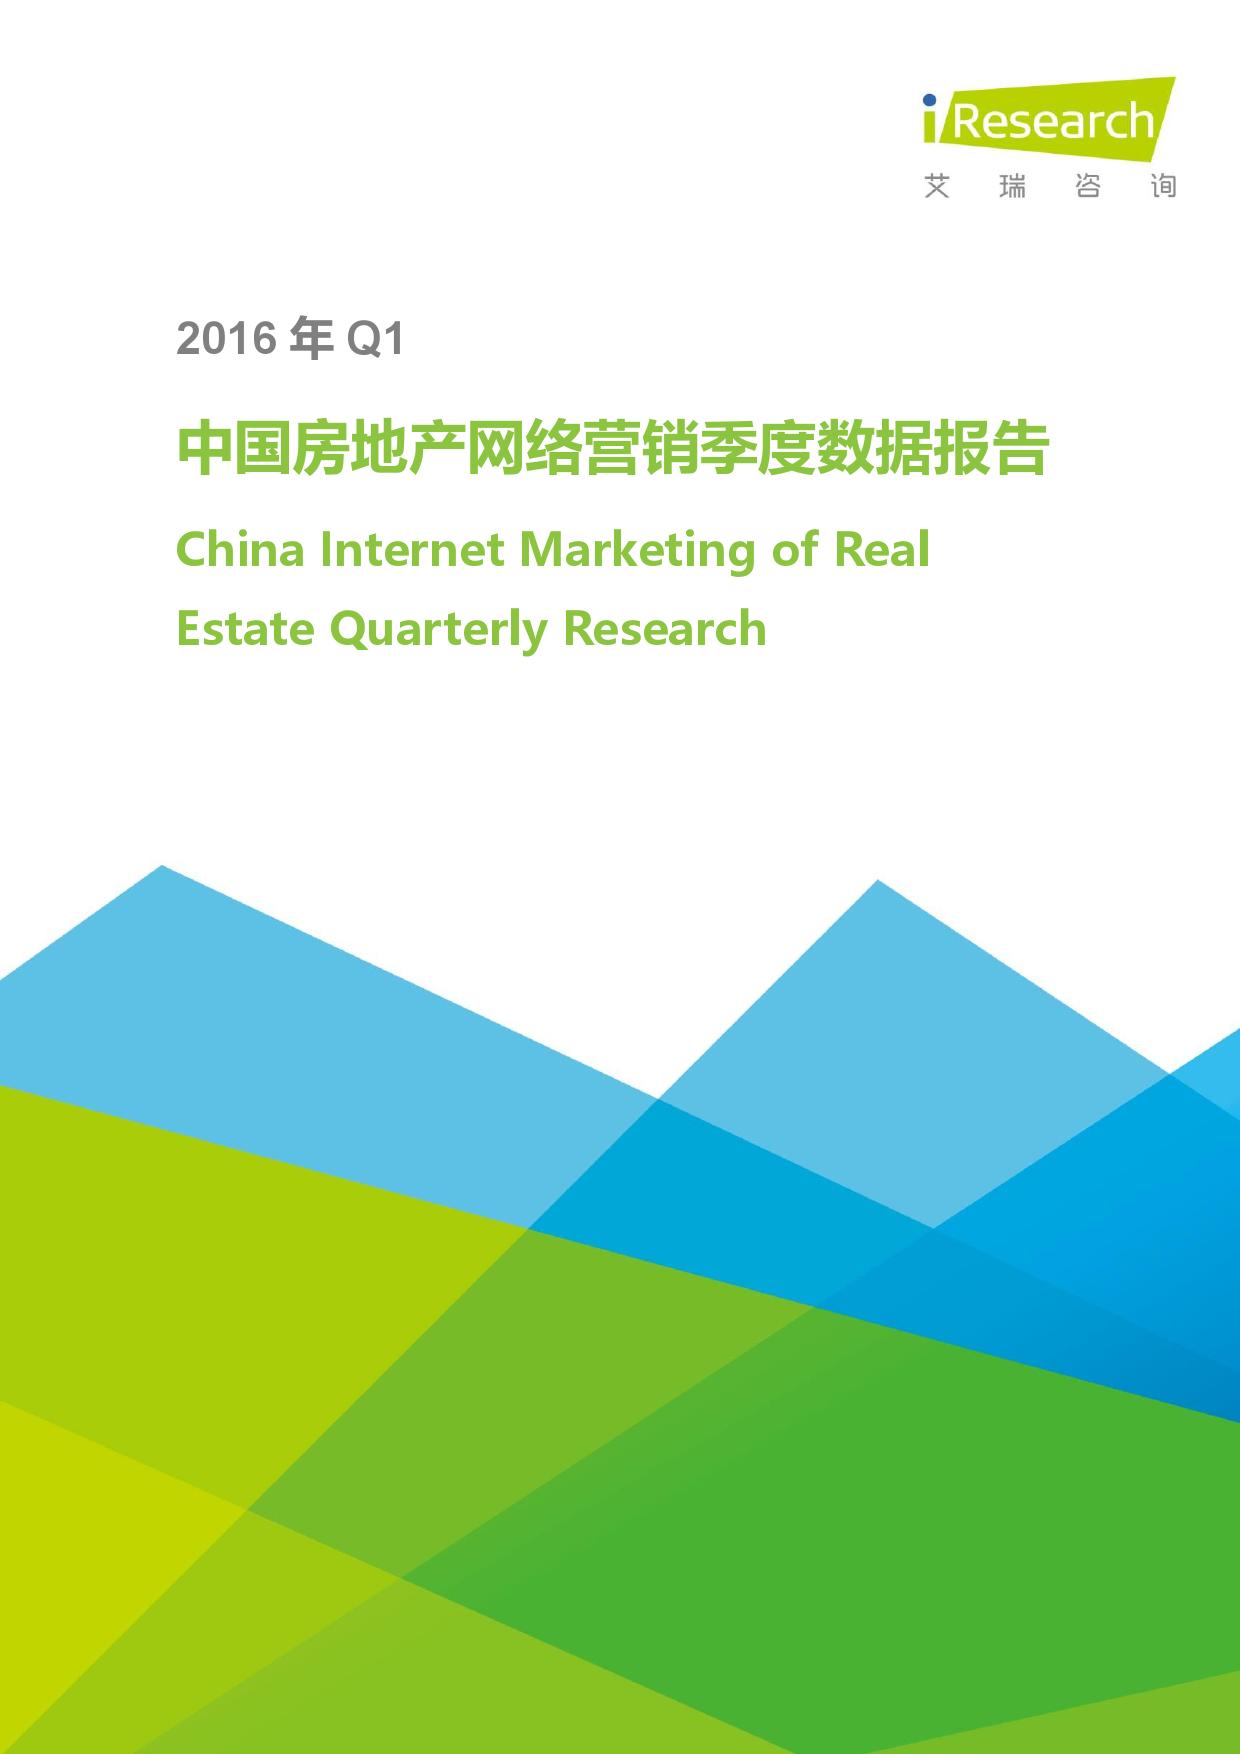 2016年Q1中国房地产网络营销季度数据报告_000001